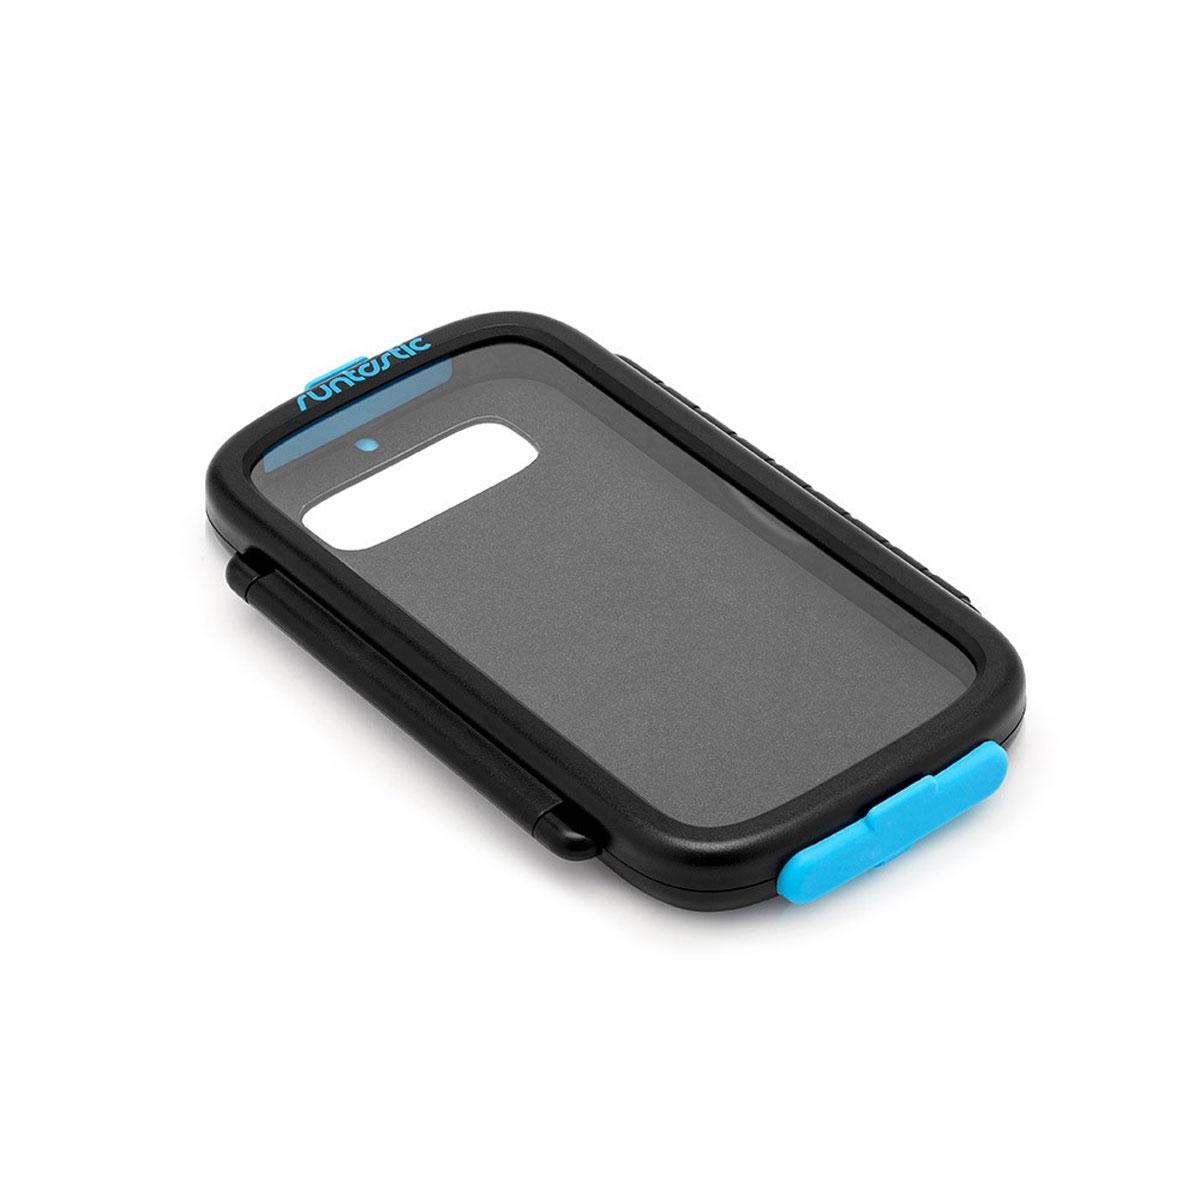 Крепление велосипедное Runtastic для смартфонов, цвет: черныйRNT_RUNCAA1BУниверсальное велосипедное крепление для смартфонов. Особенности крепления: Ударо- и пылезащитный корпус. Возможность работать с сенсорным экраном, использовать обе камеры и наушники. Устанавливается без использования инструментов на руль или вынос велосипеда. Смартфон можно установить горизонтально или вертикально на креплении. Мягкие вставки позволят разместить в чехле почти любой смартфон. Максимальный размер смартфона - 13.6 x 7 x 1.2 см.